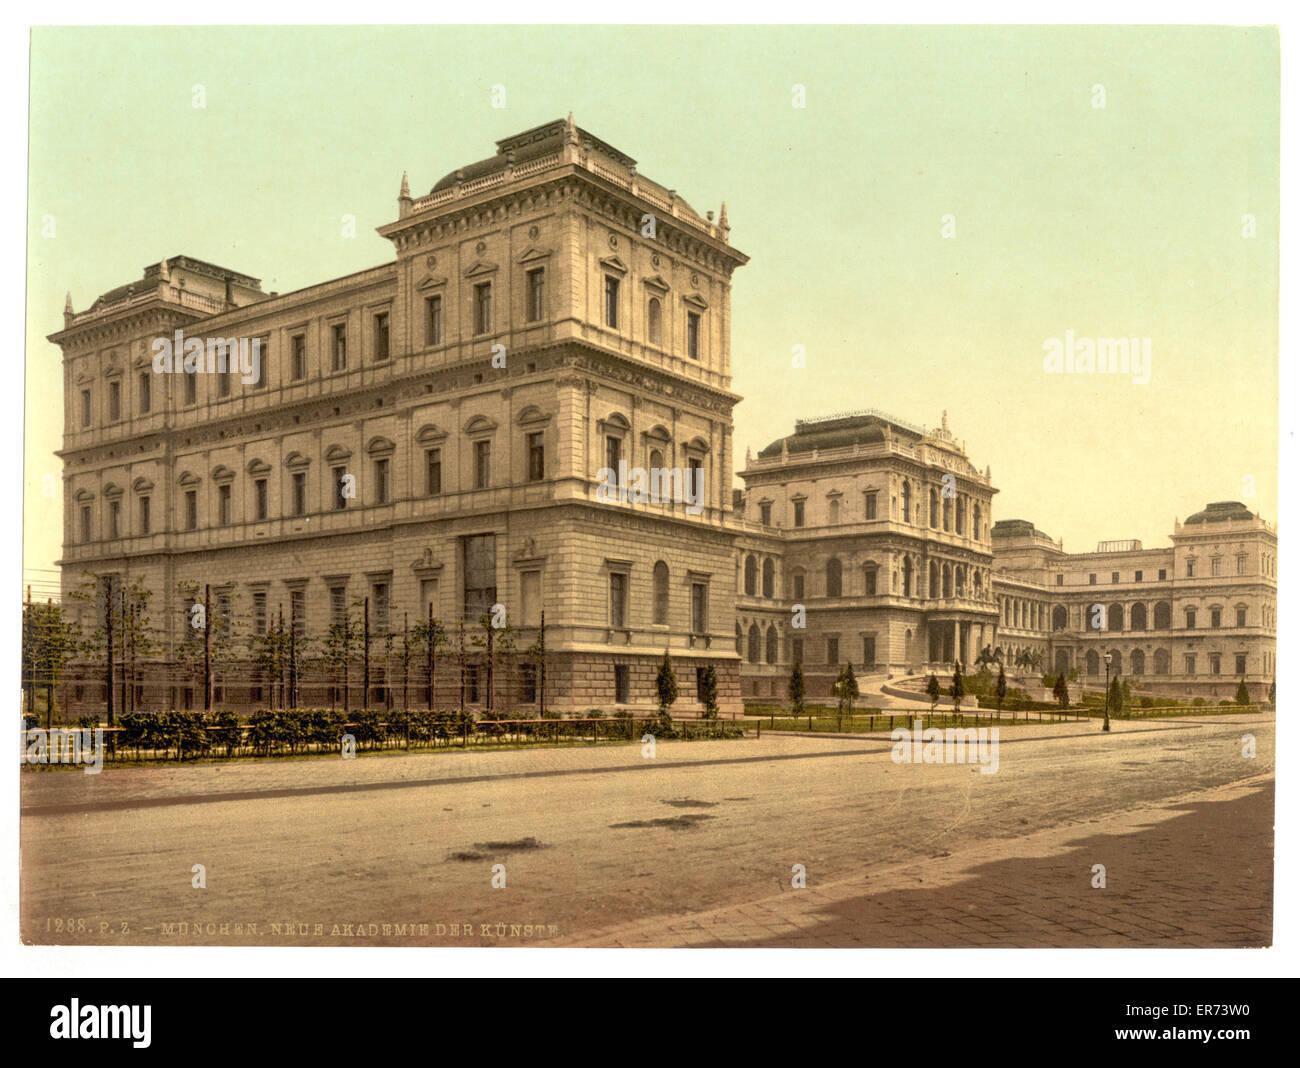 Nuova Accademia di Belle Arti di Monaco di Baviera, Germania. Data compresa tra ca. 1890 e ca. 1900. Immagini Stock